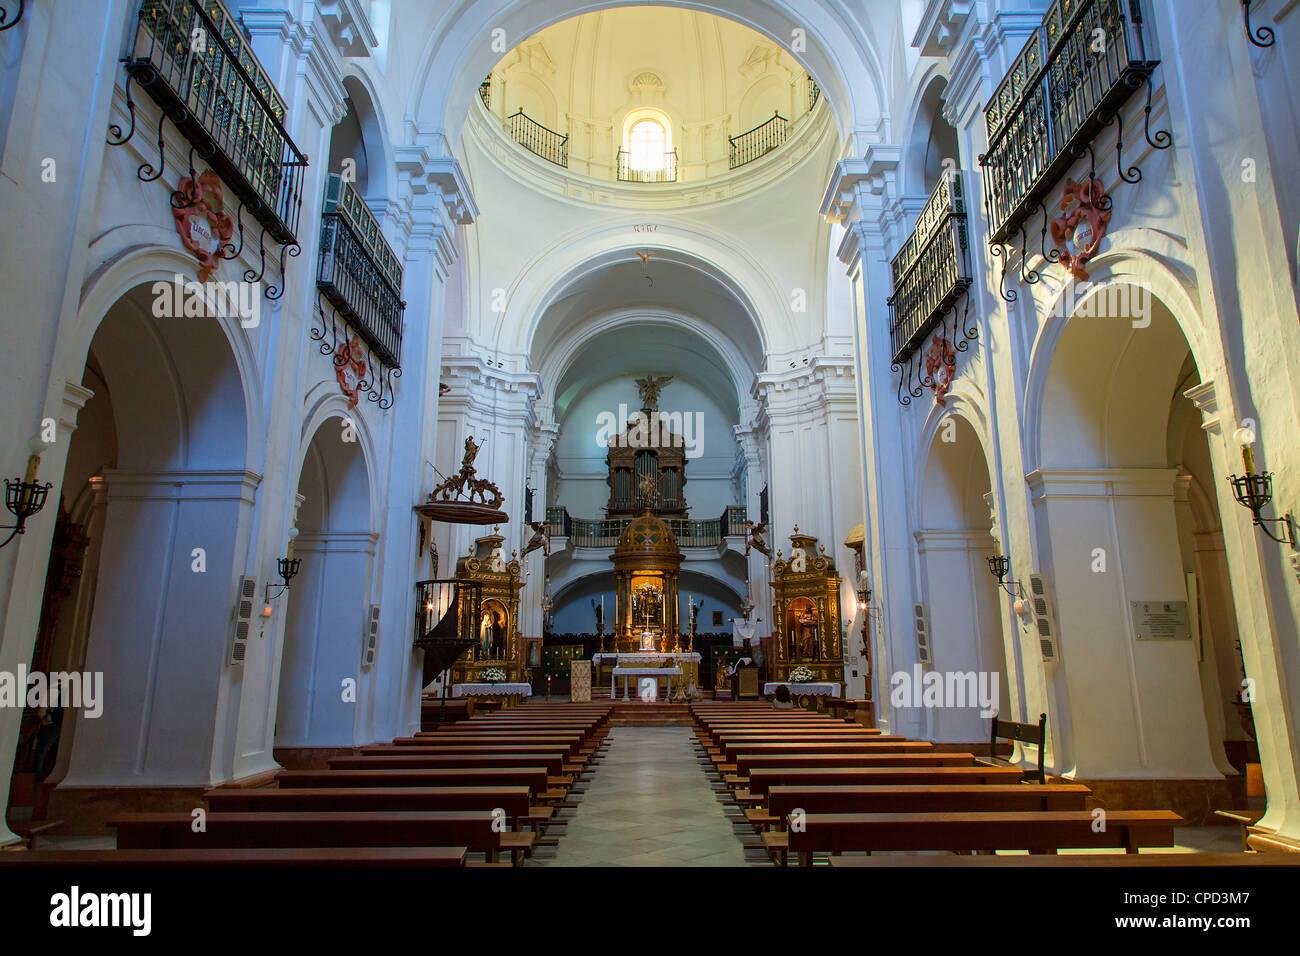 Seville, Iglesia de Santa Cruz ( Santa Cruz Church) - Stock Image